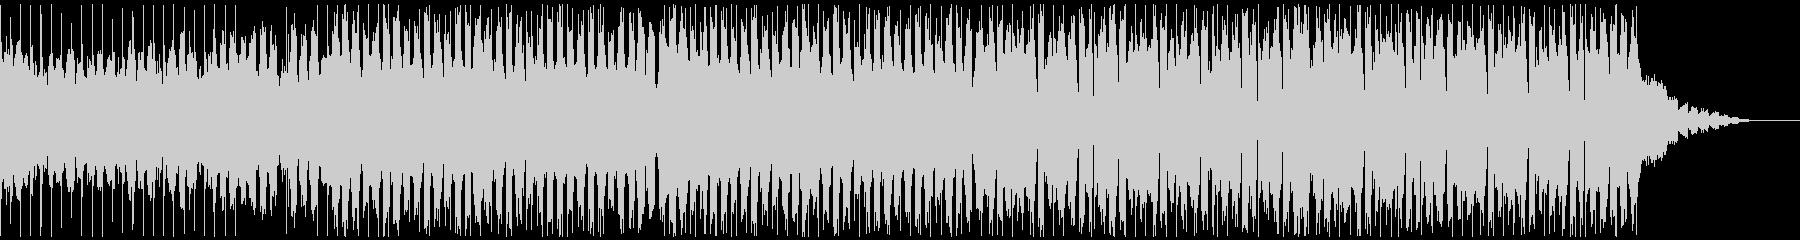 かっこいいEDMの未再生の波形